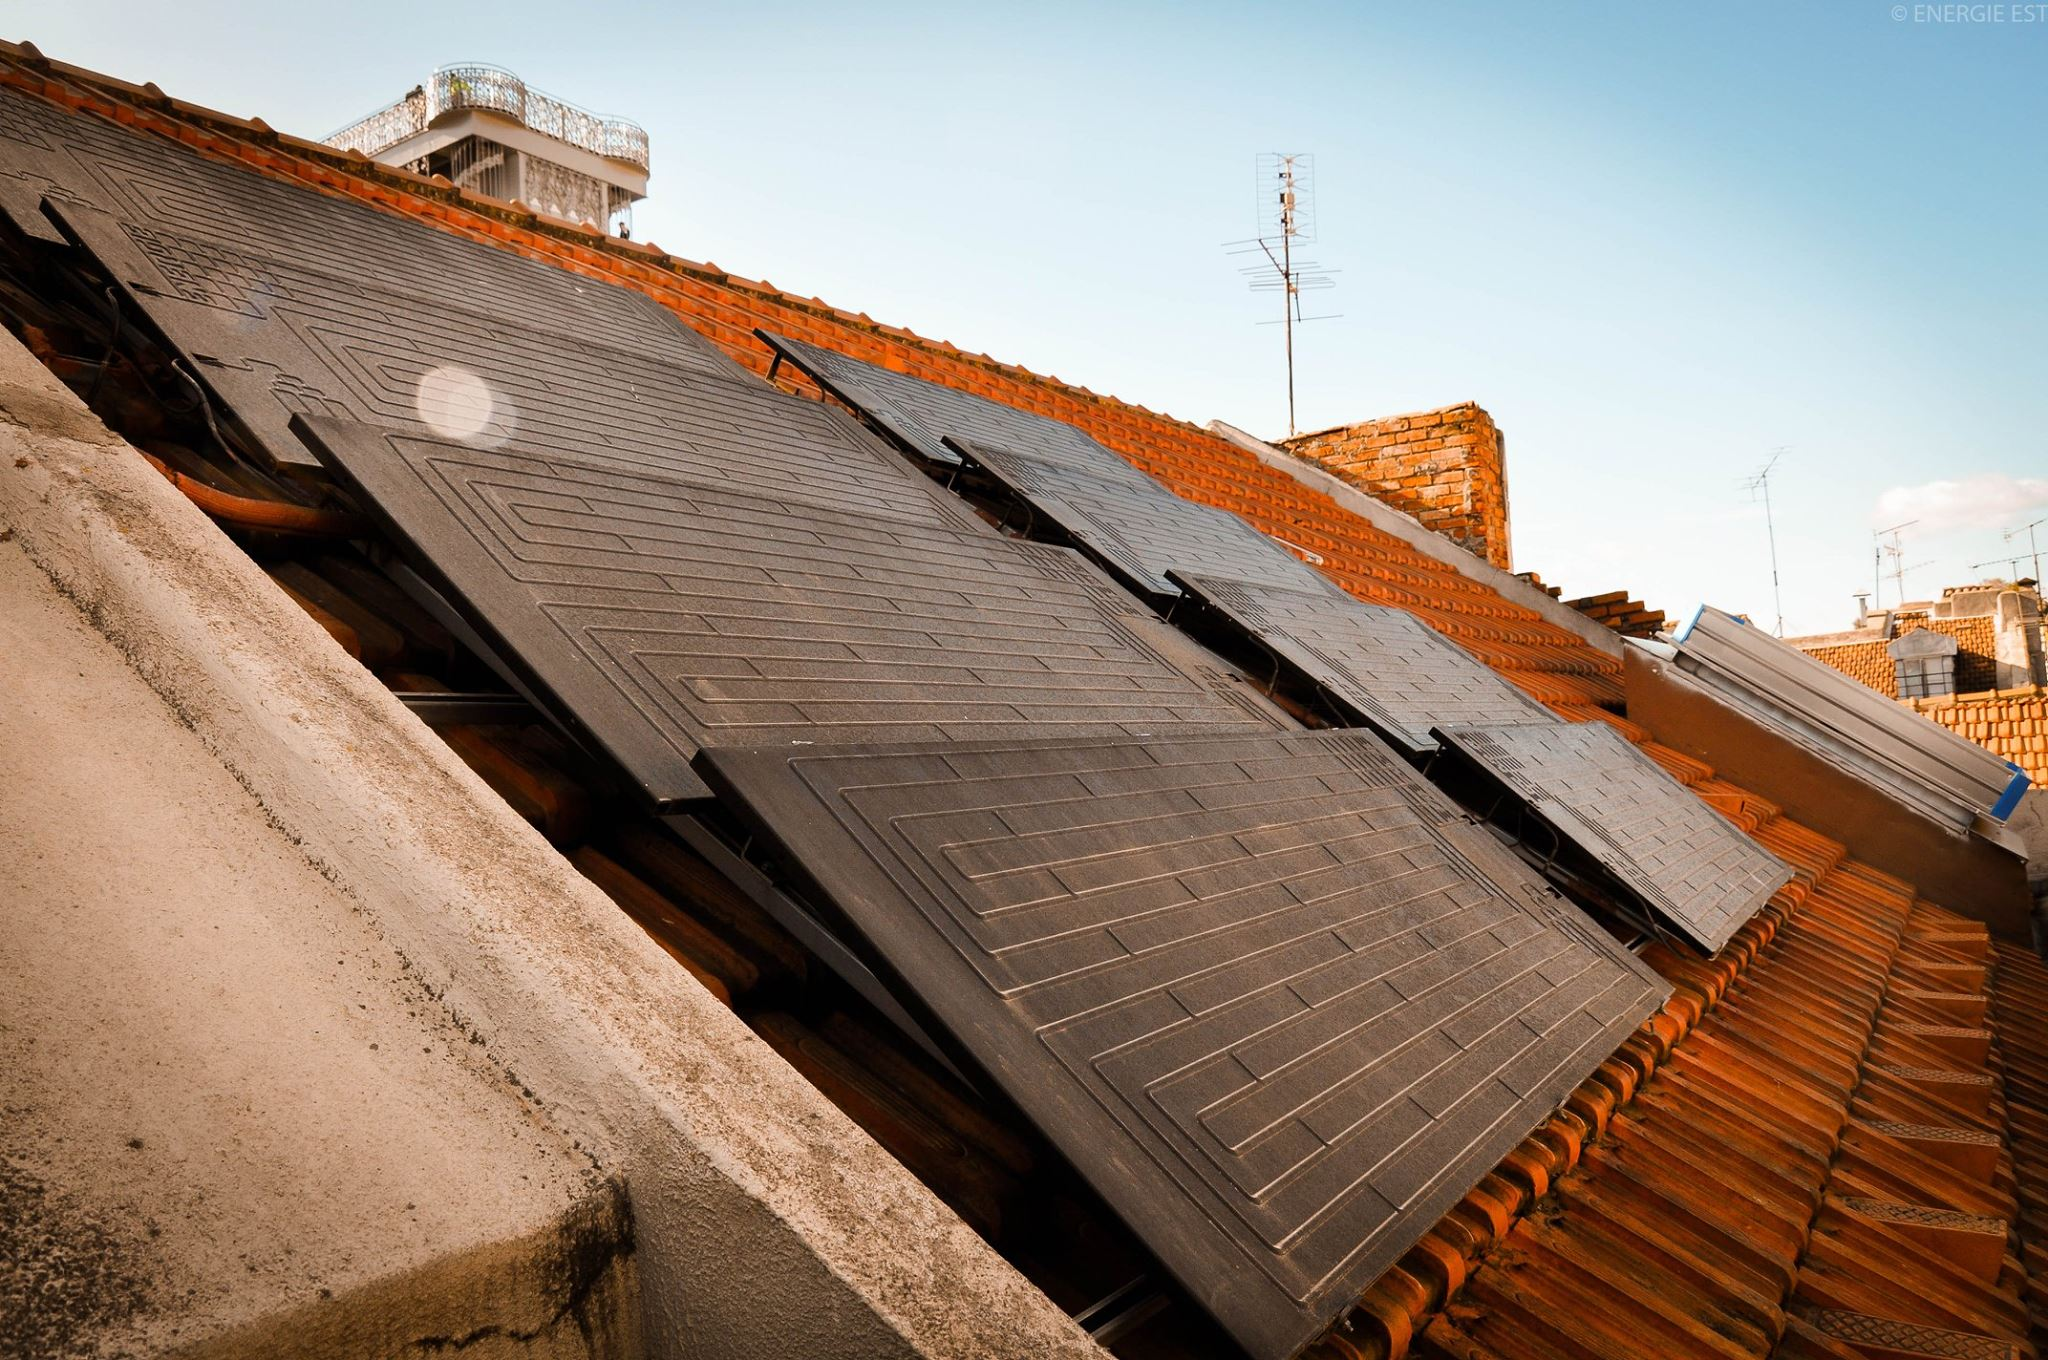 Pannello Solare Per Uso Domestico : Solare termodinamico domestico domande e risposte icaro srl